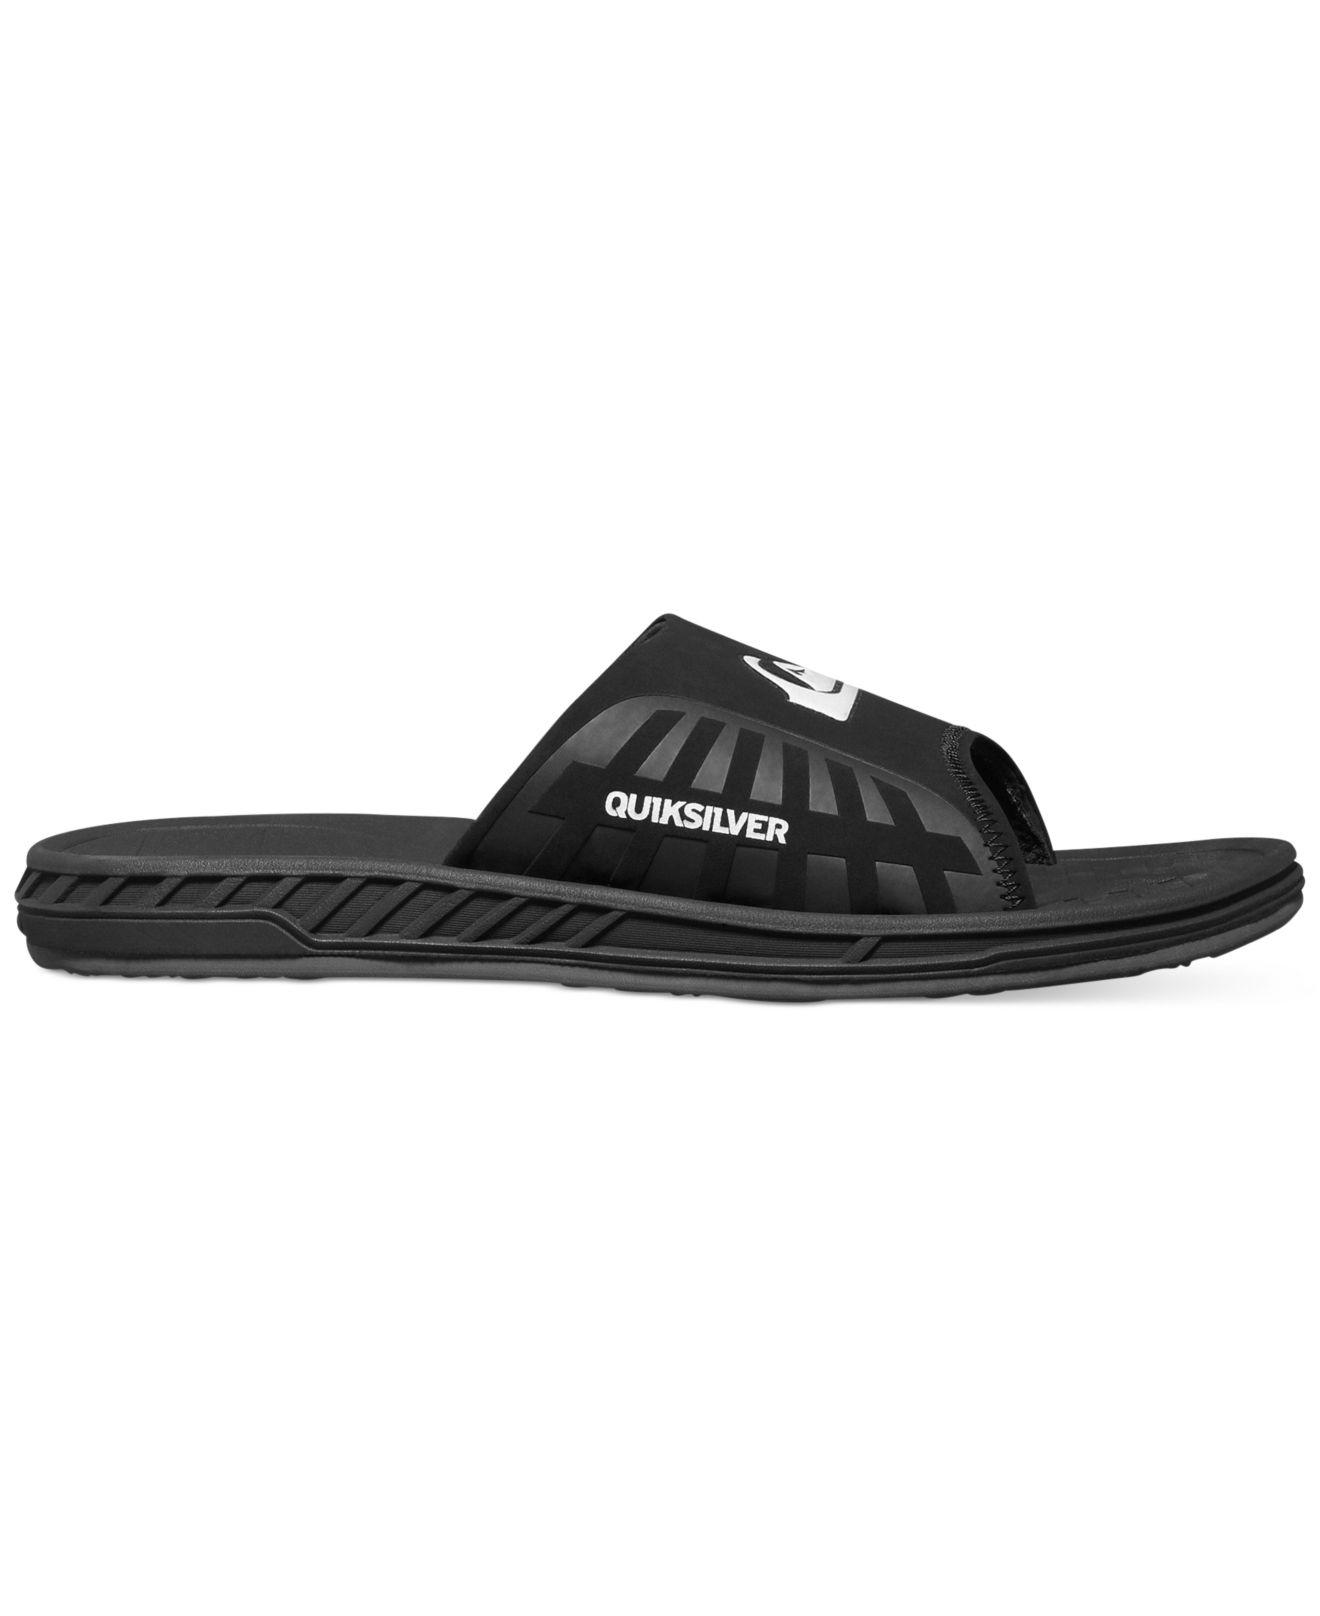 40ec7d793850 Lyst - Quiksilver Triton Slide Sandals in Black for Men